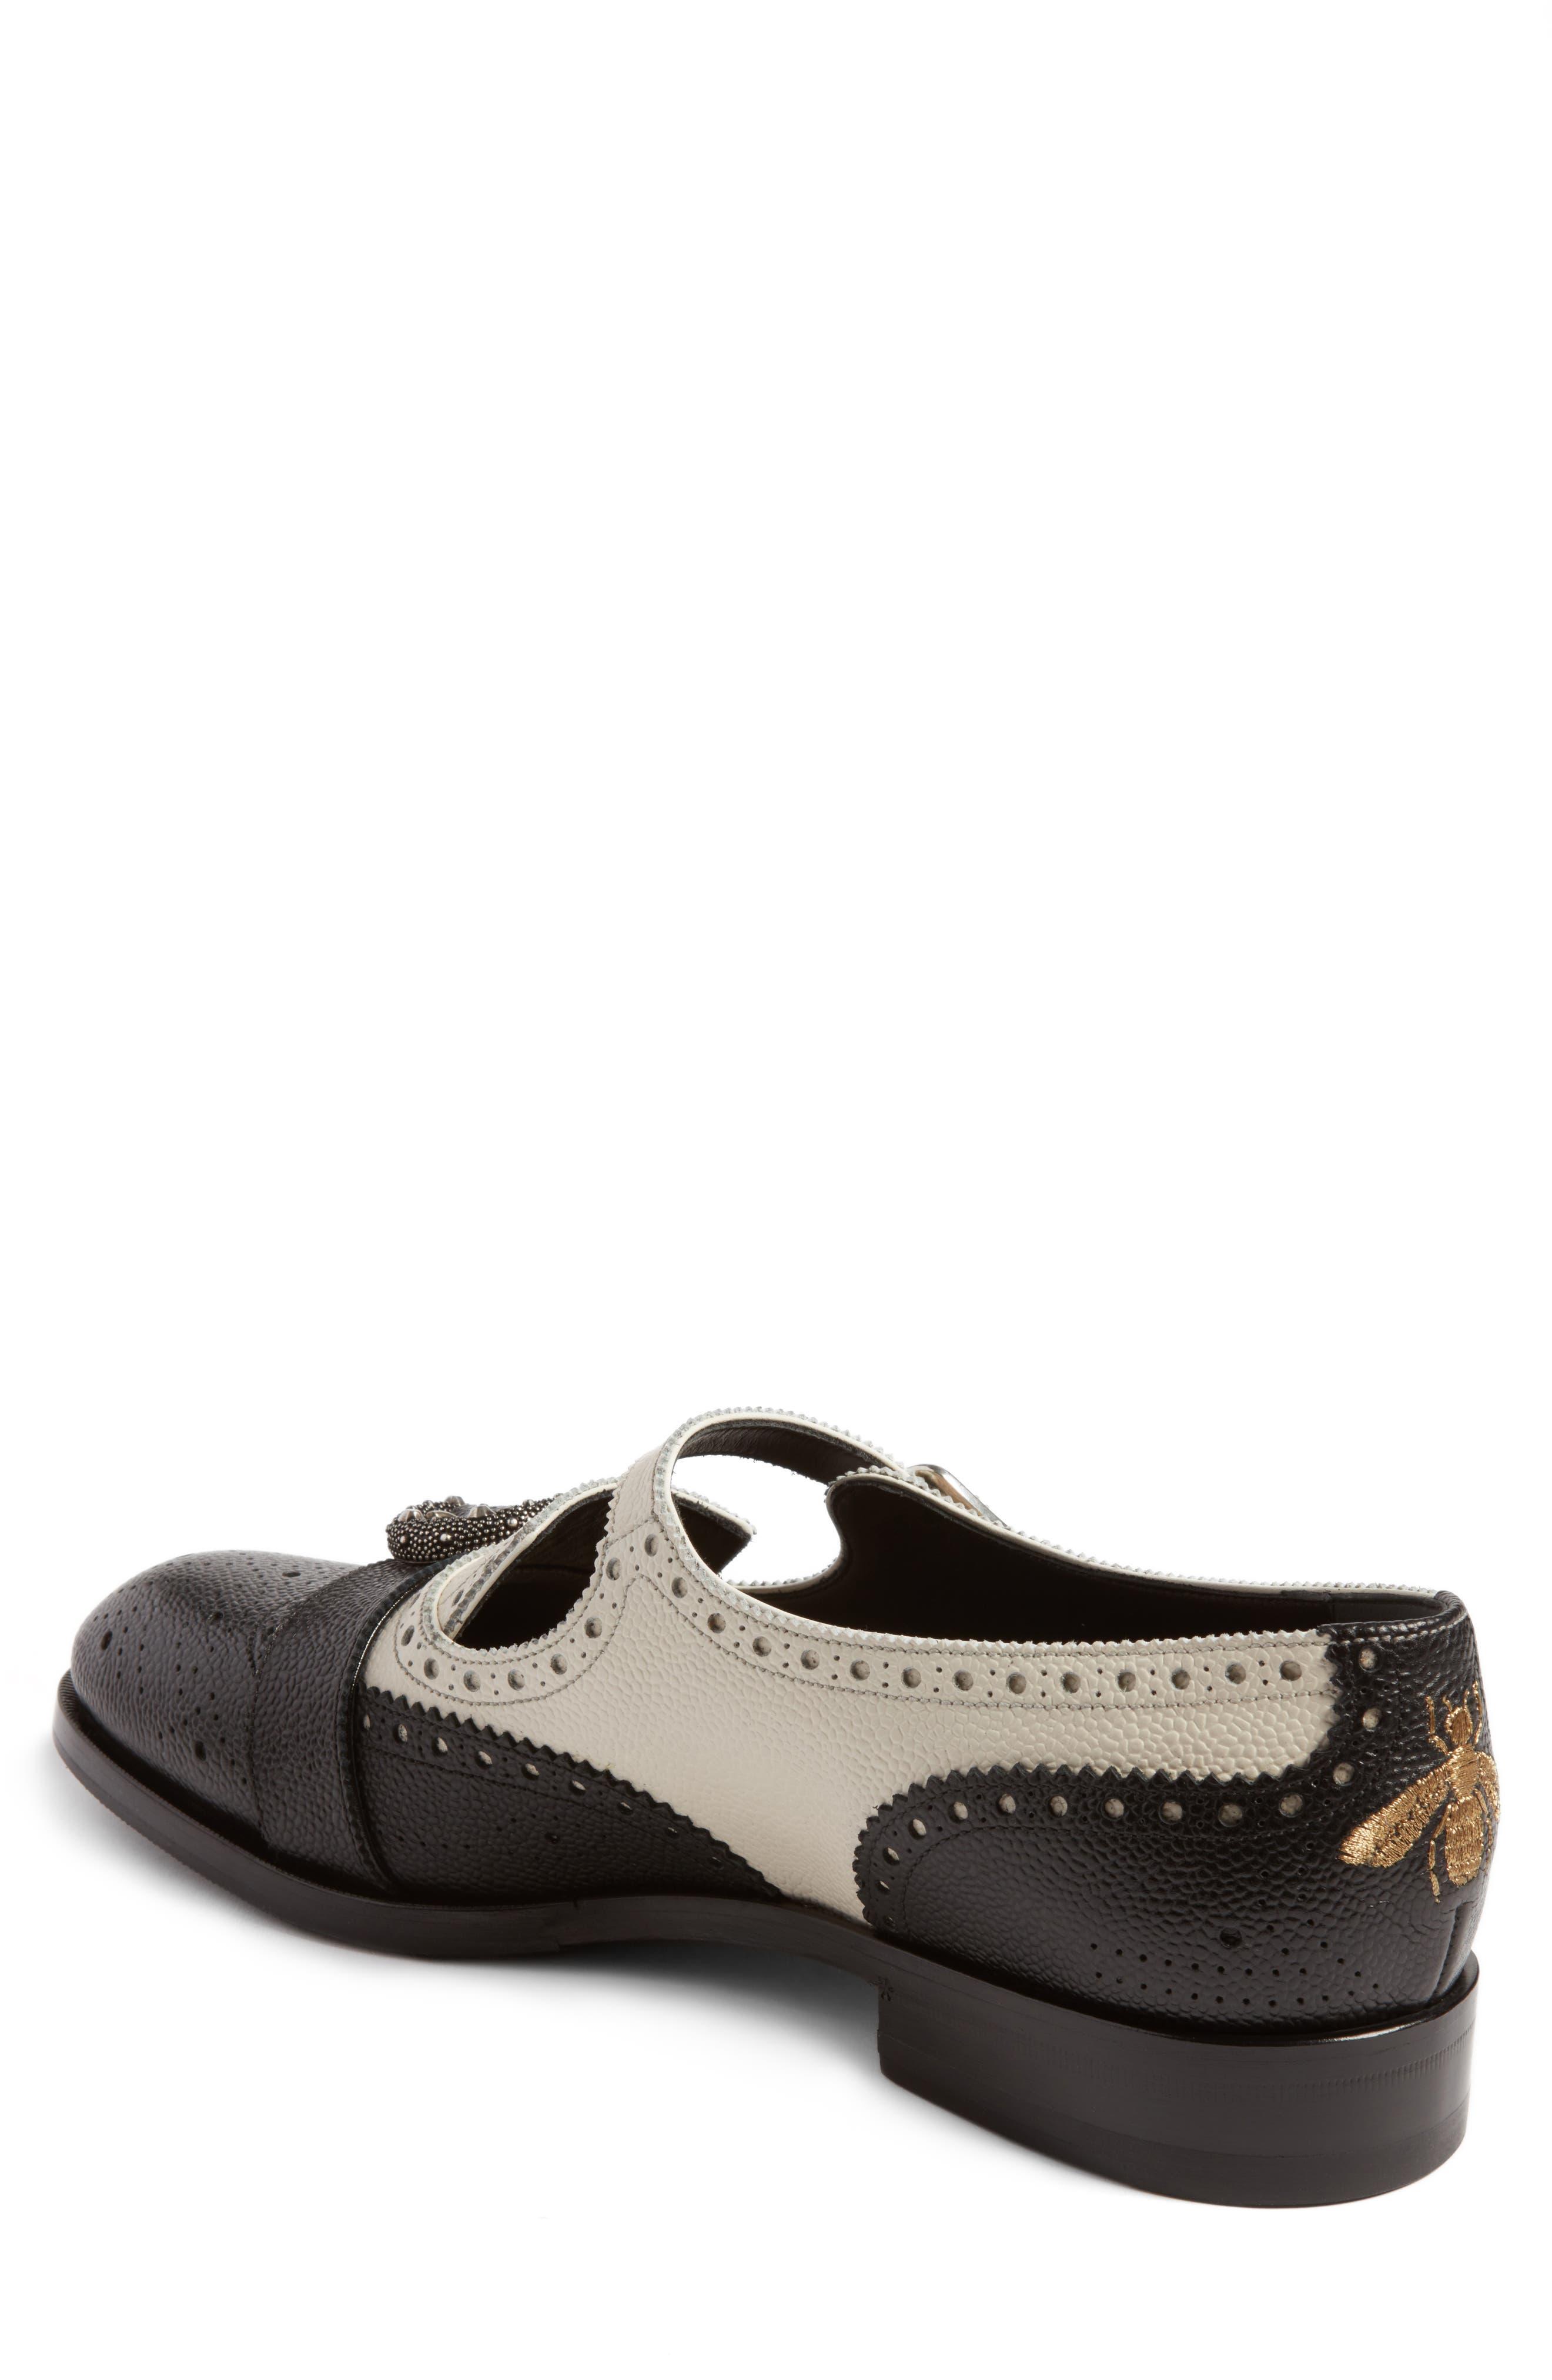 Queercore Brogue Monk Shoe,                             Alternate thumbnail 2, color,                             Black White Multi